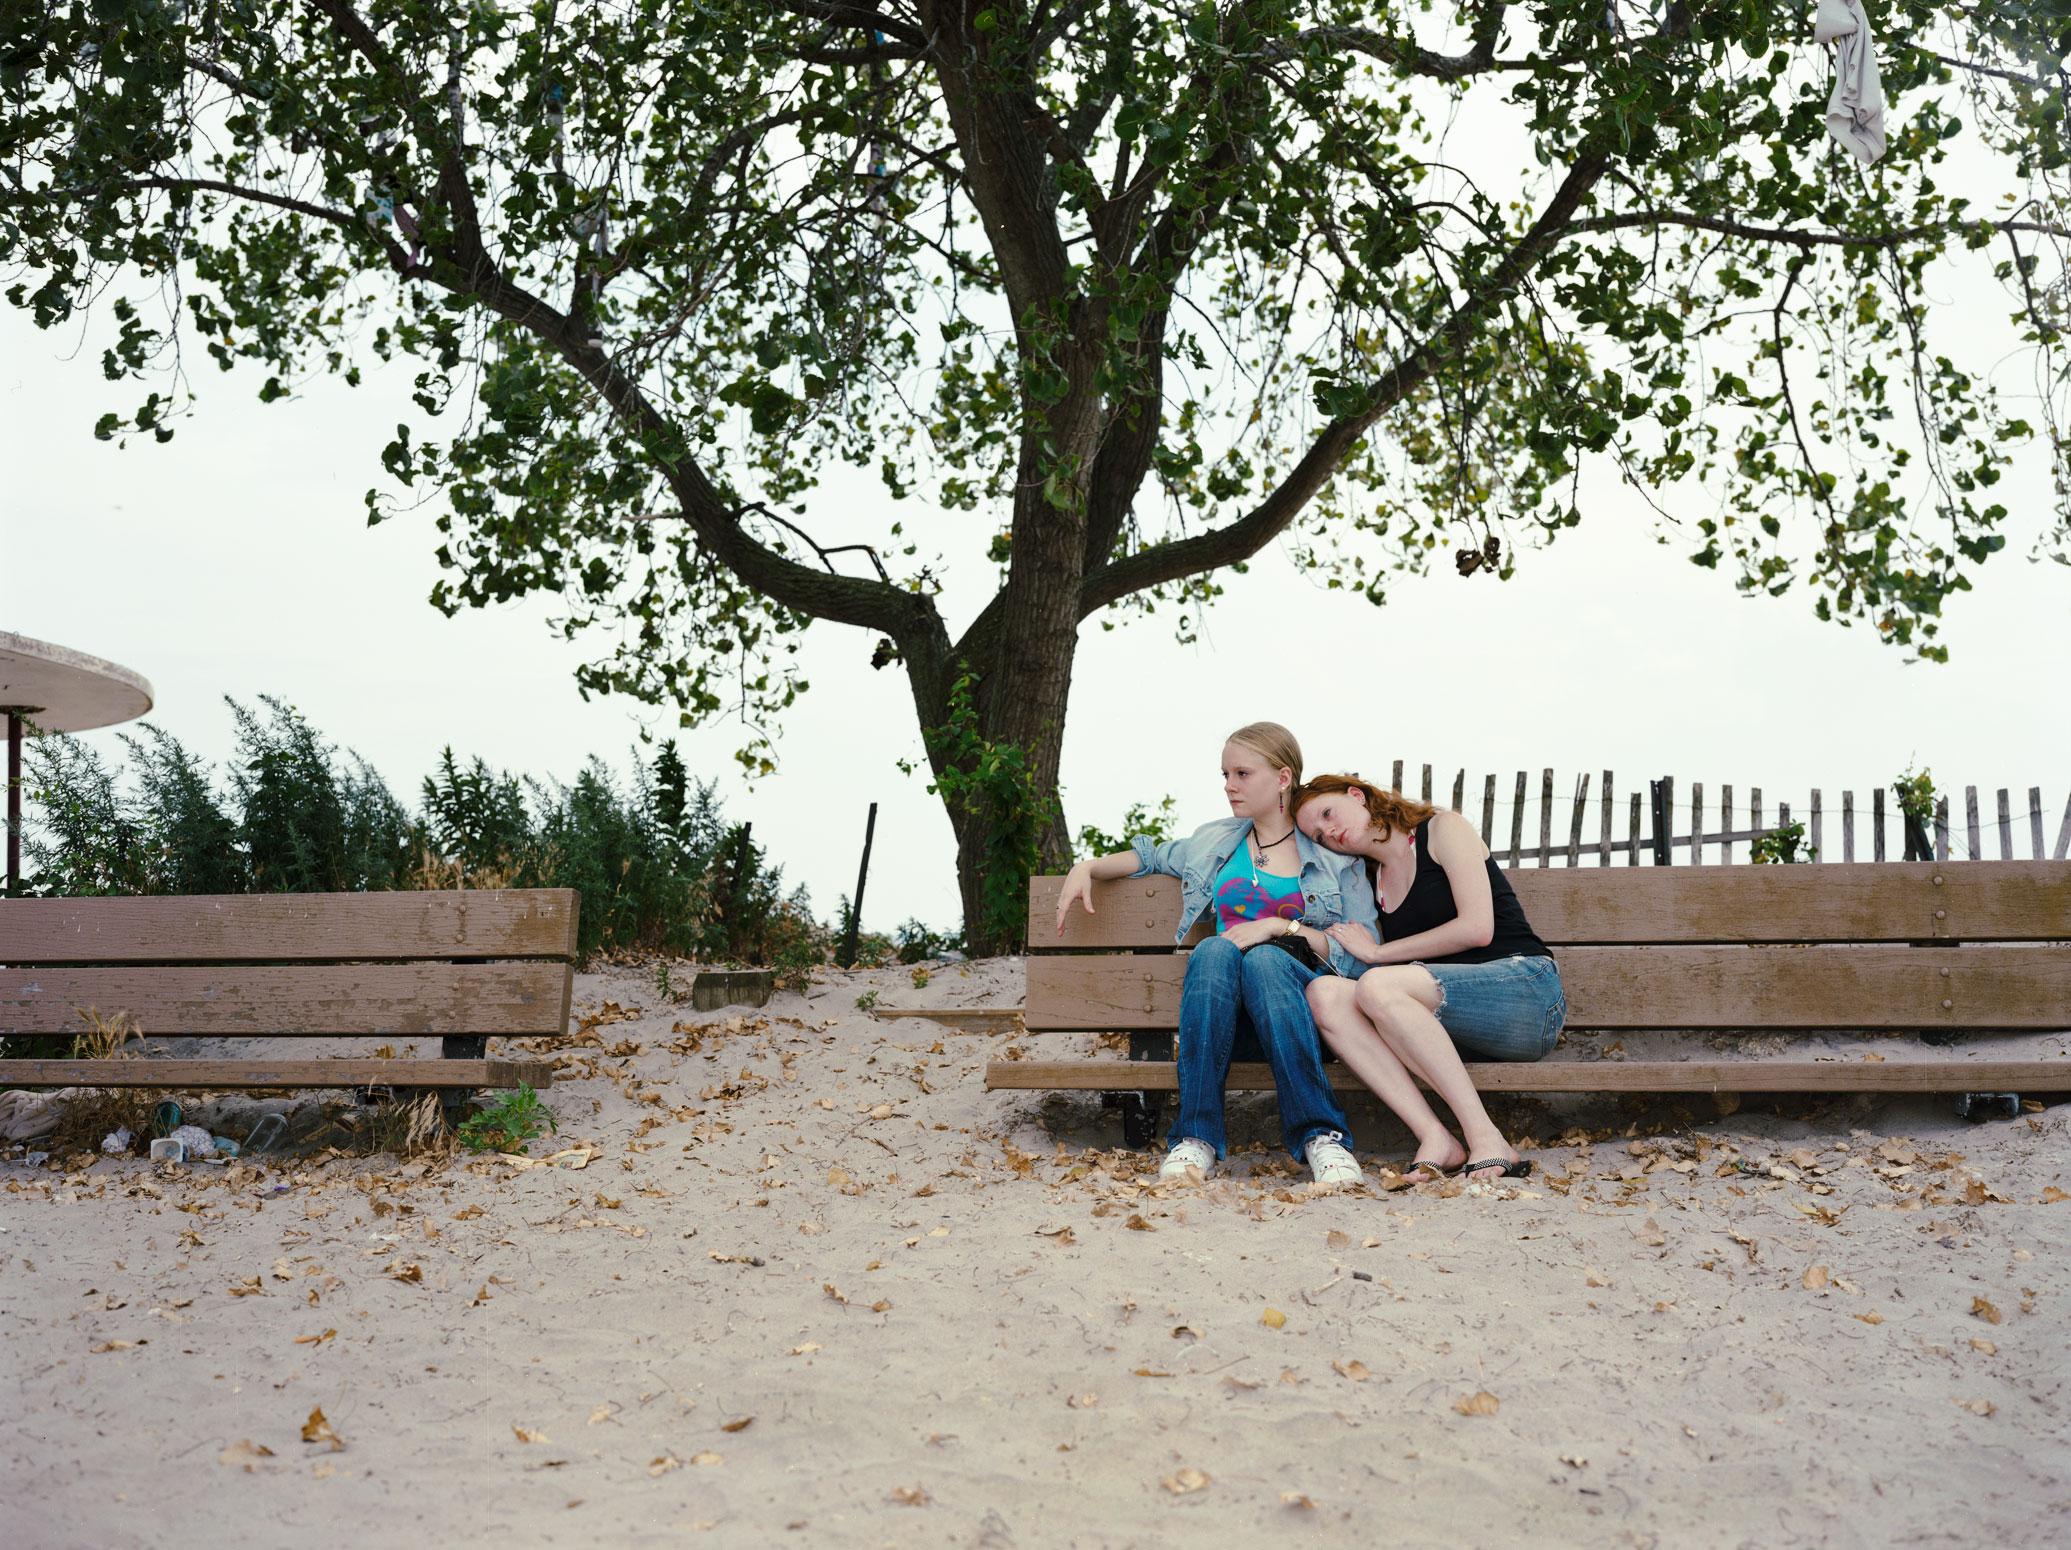 Val & Beth, Plum Beach, Brooklyn 2012